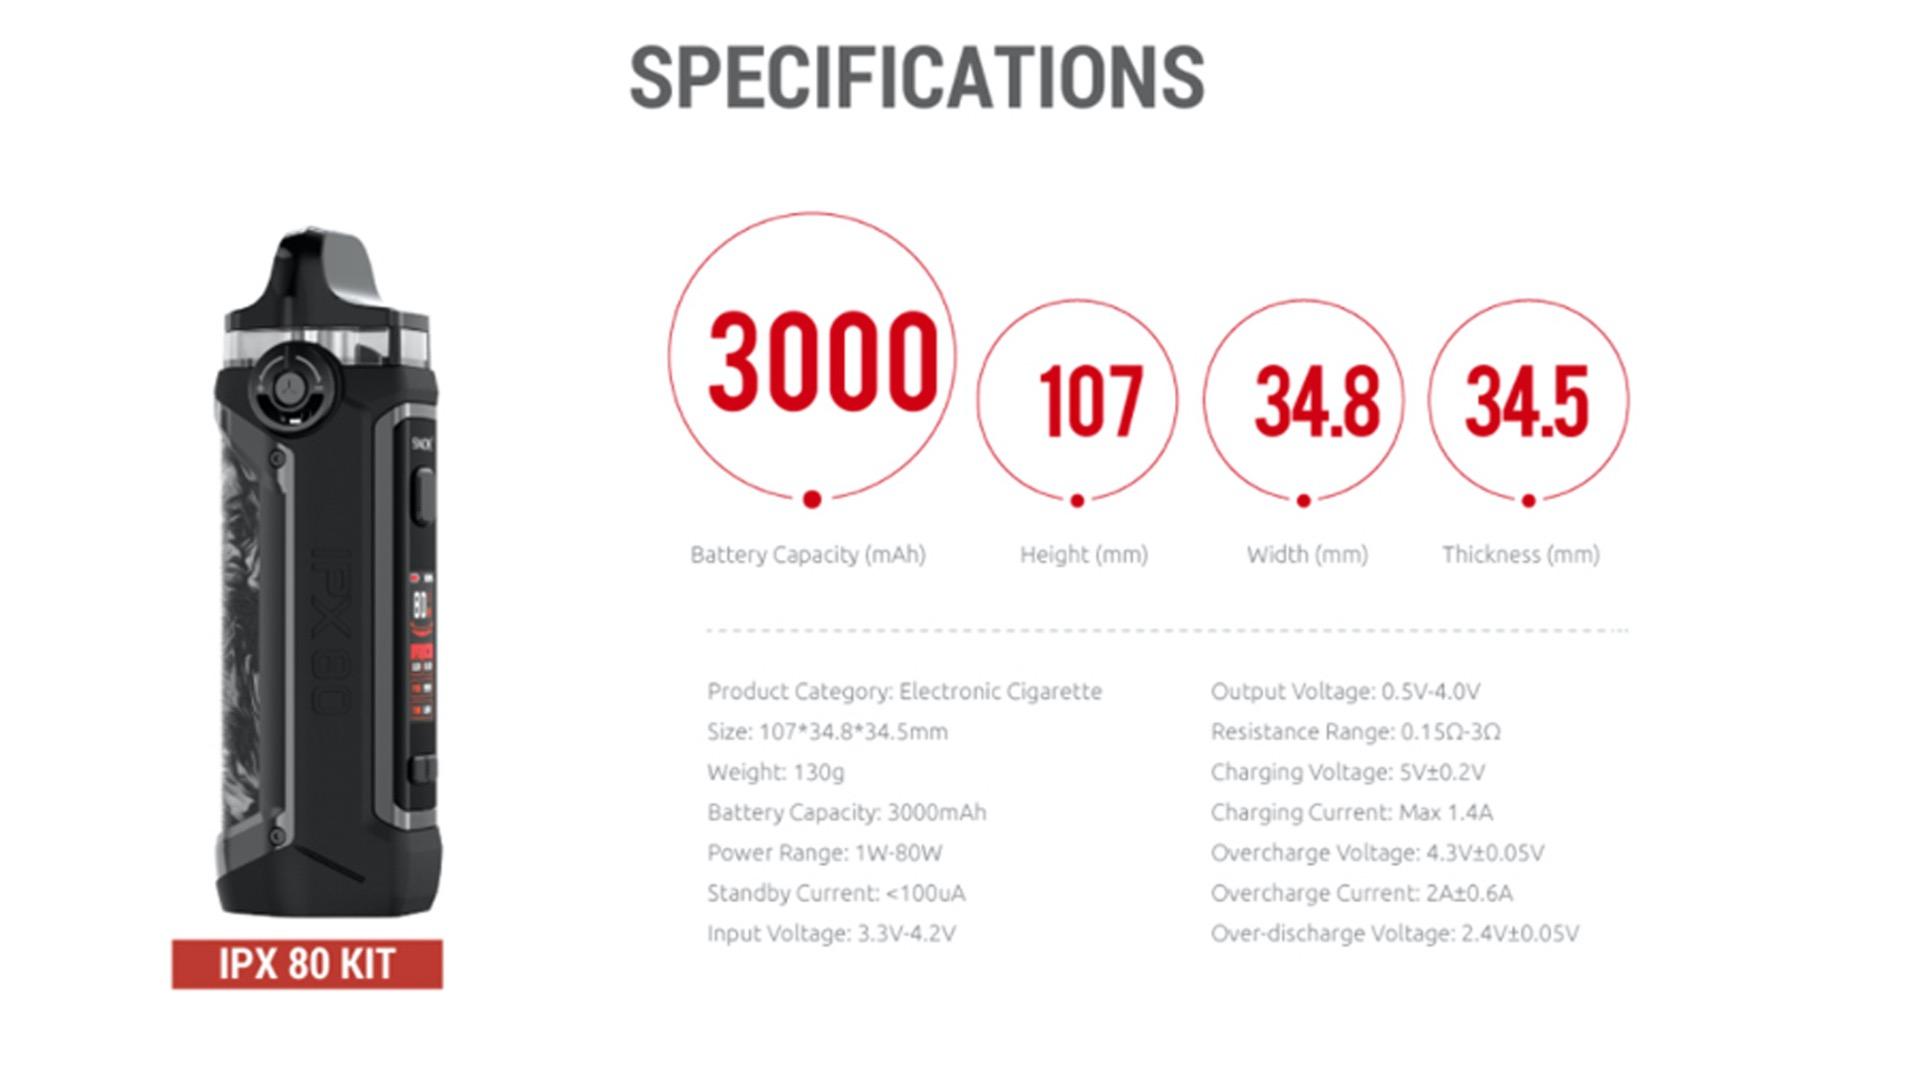 Smok IPX 80 spec